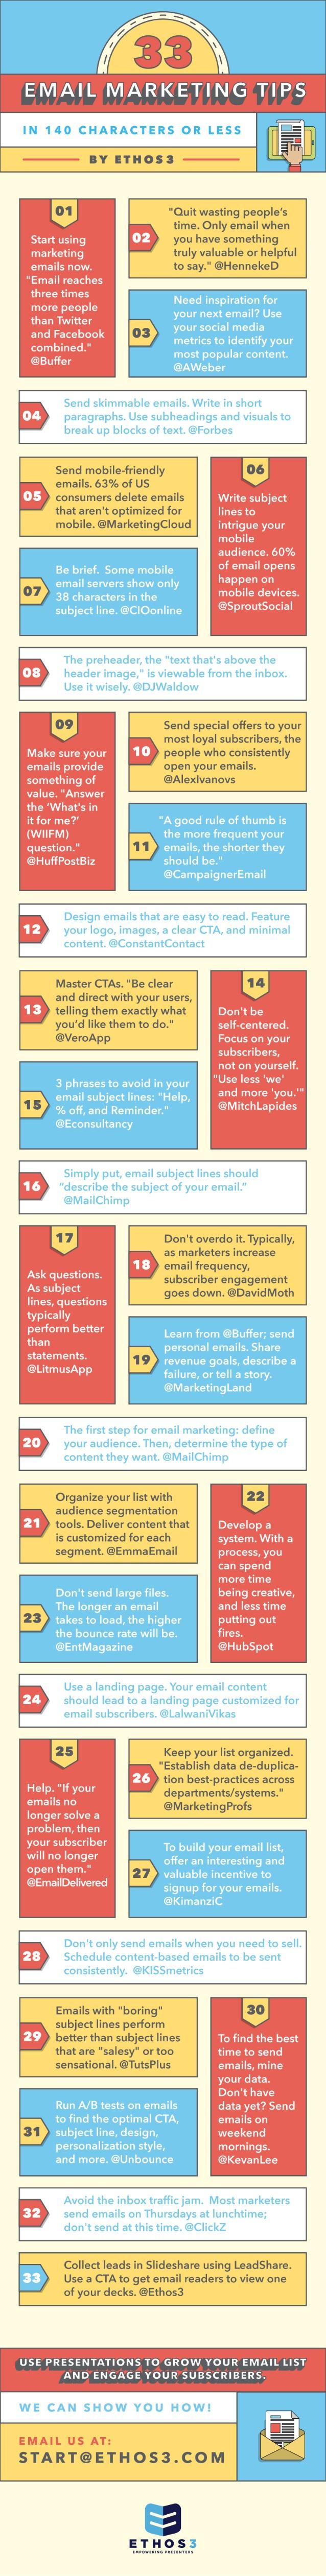 33 consejos sobre email marketing en 140 caracteres